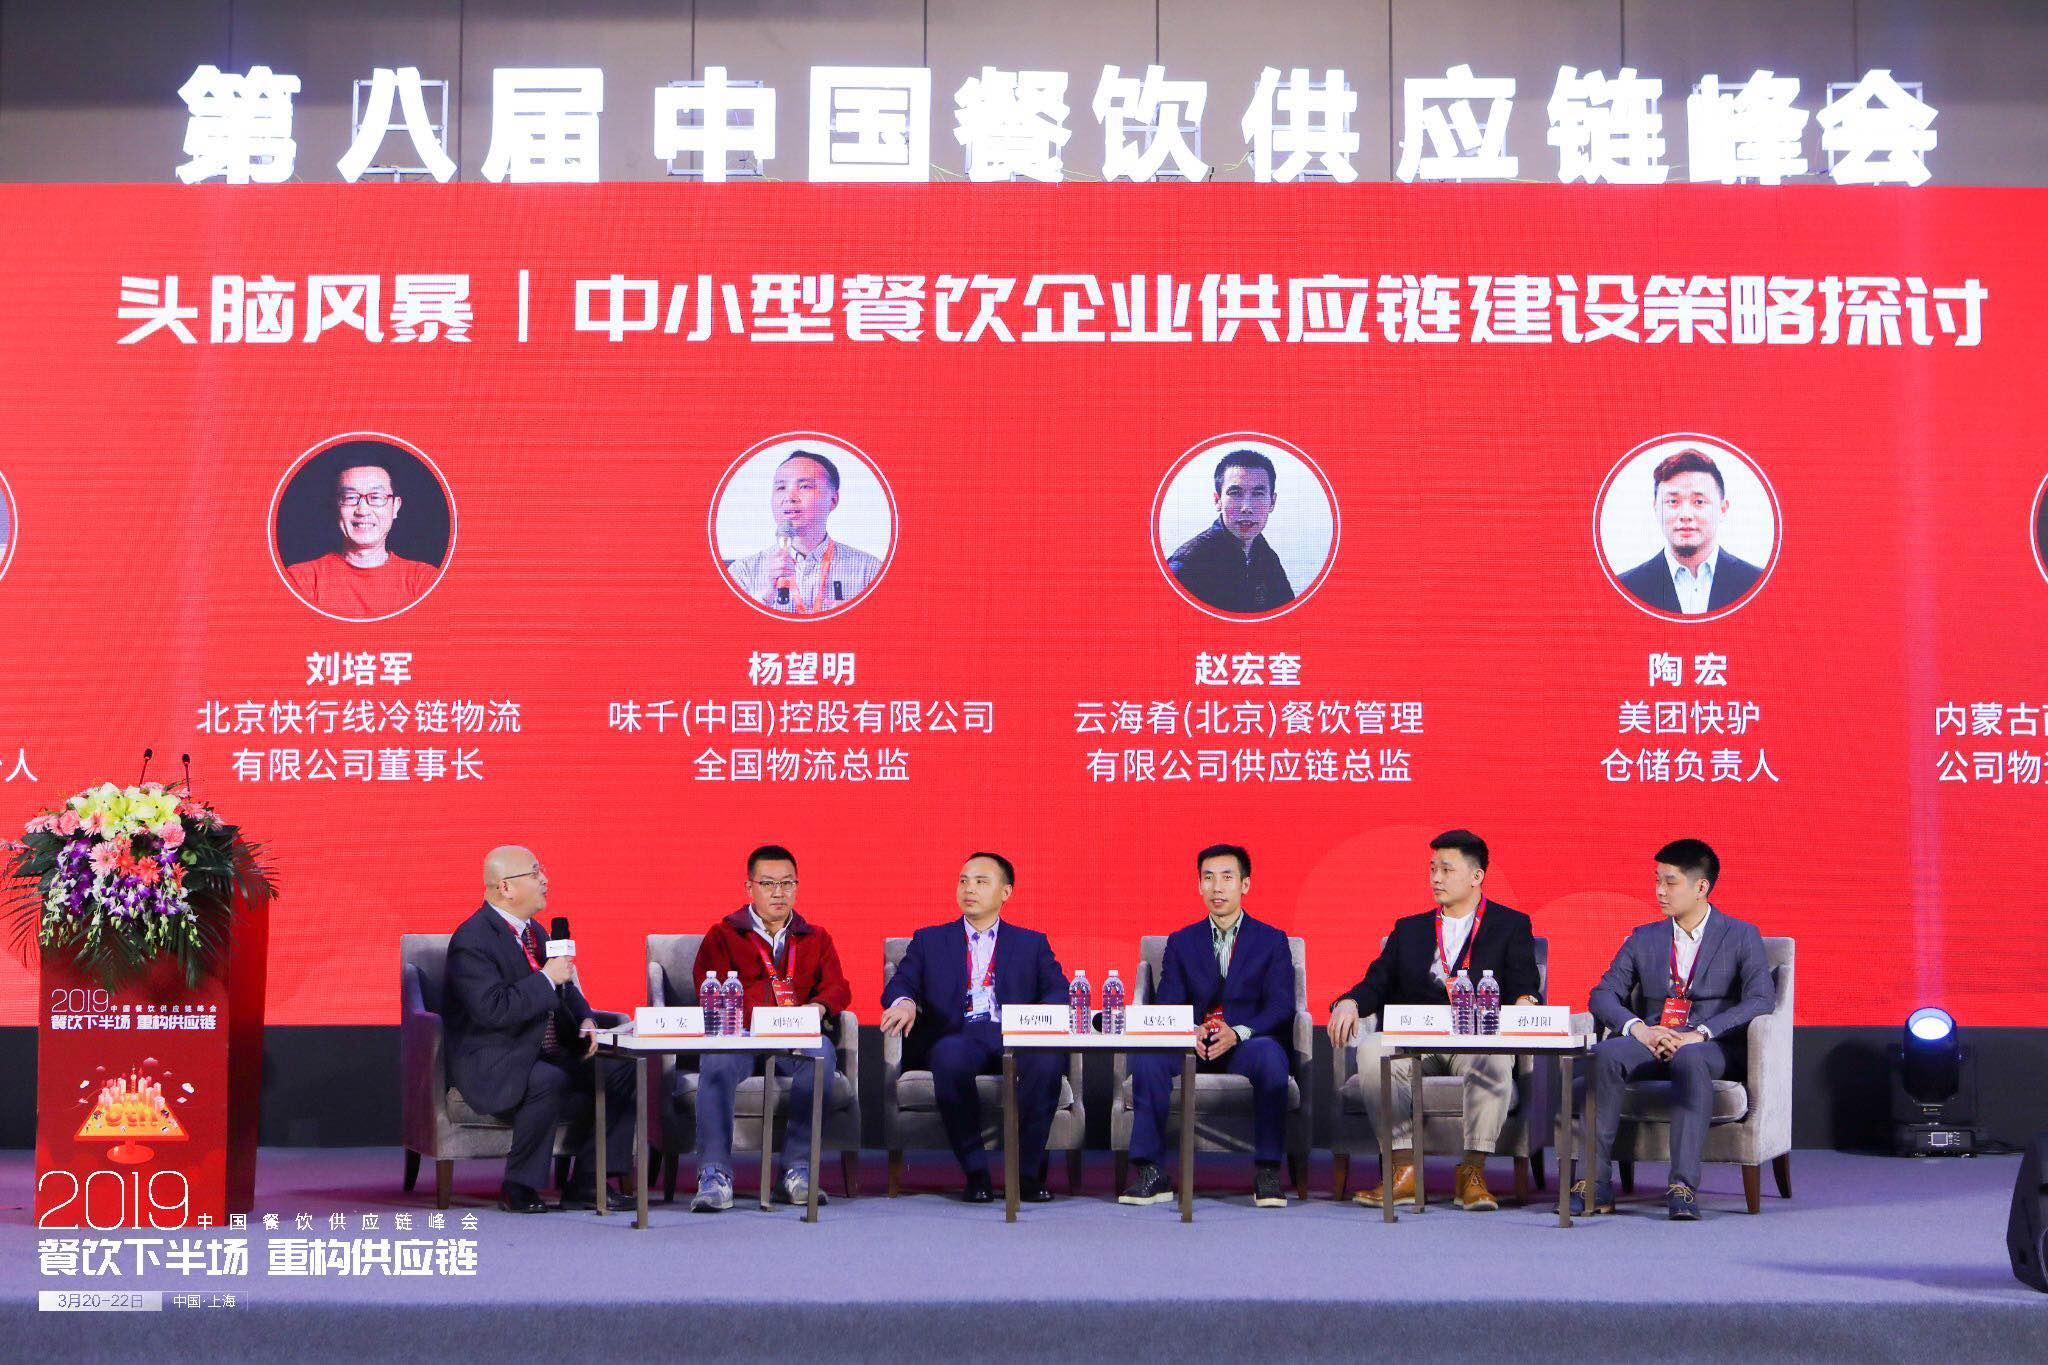 2019(第八届)中国餐饮供应链峰会在上海召开